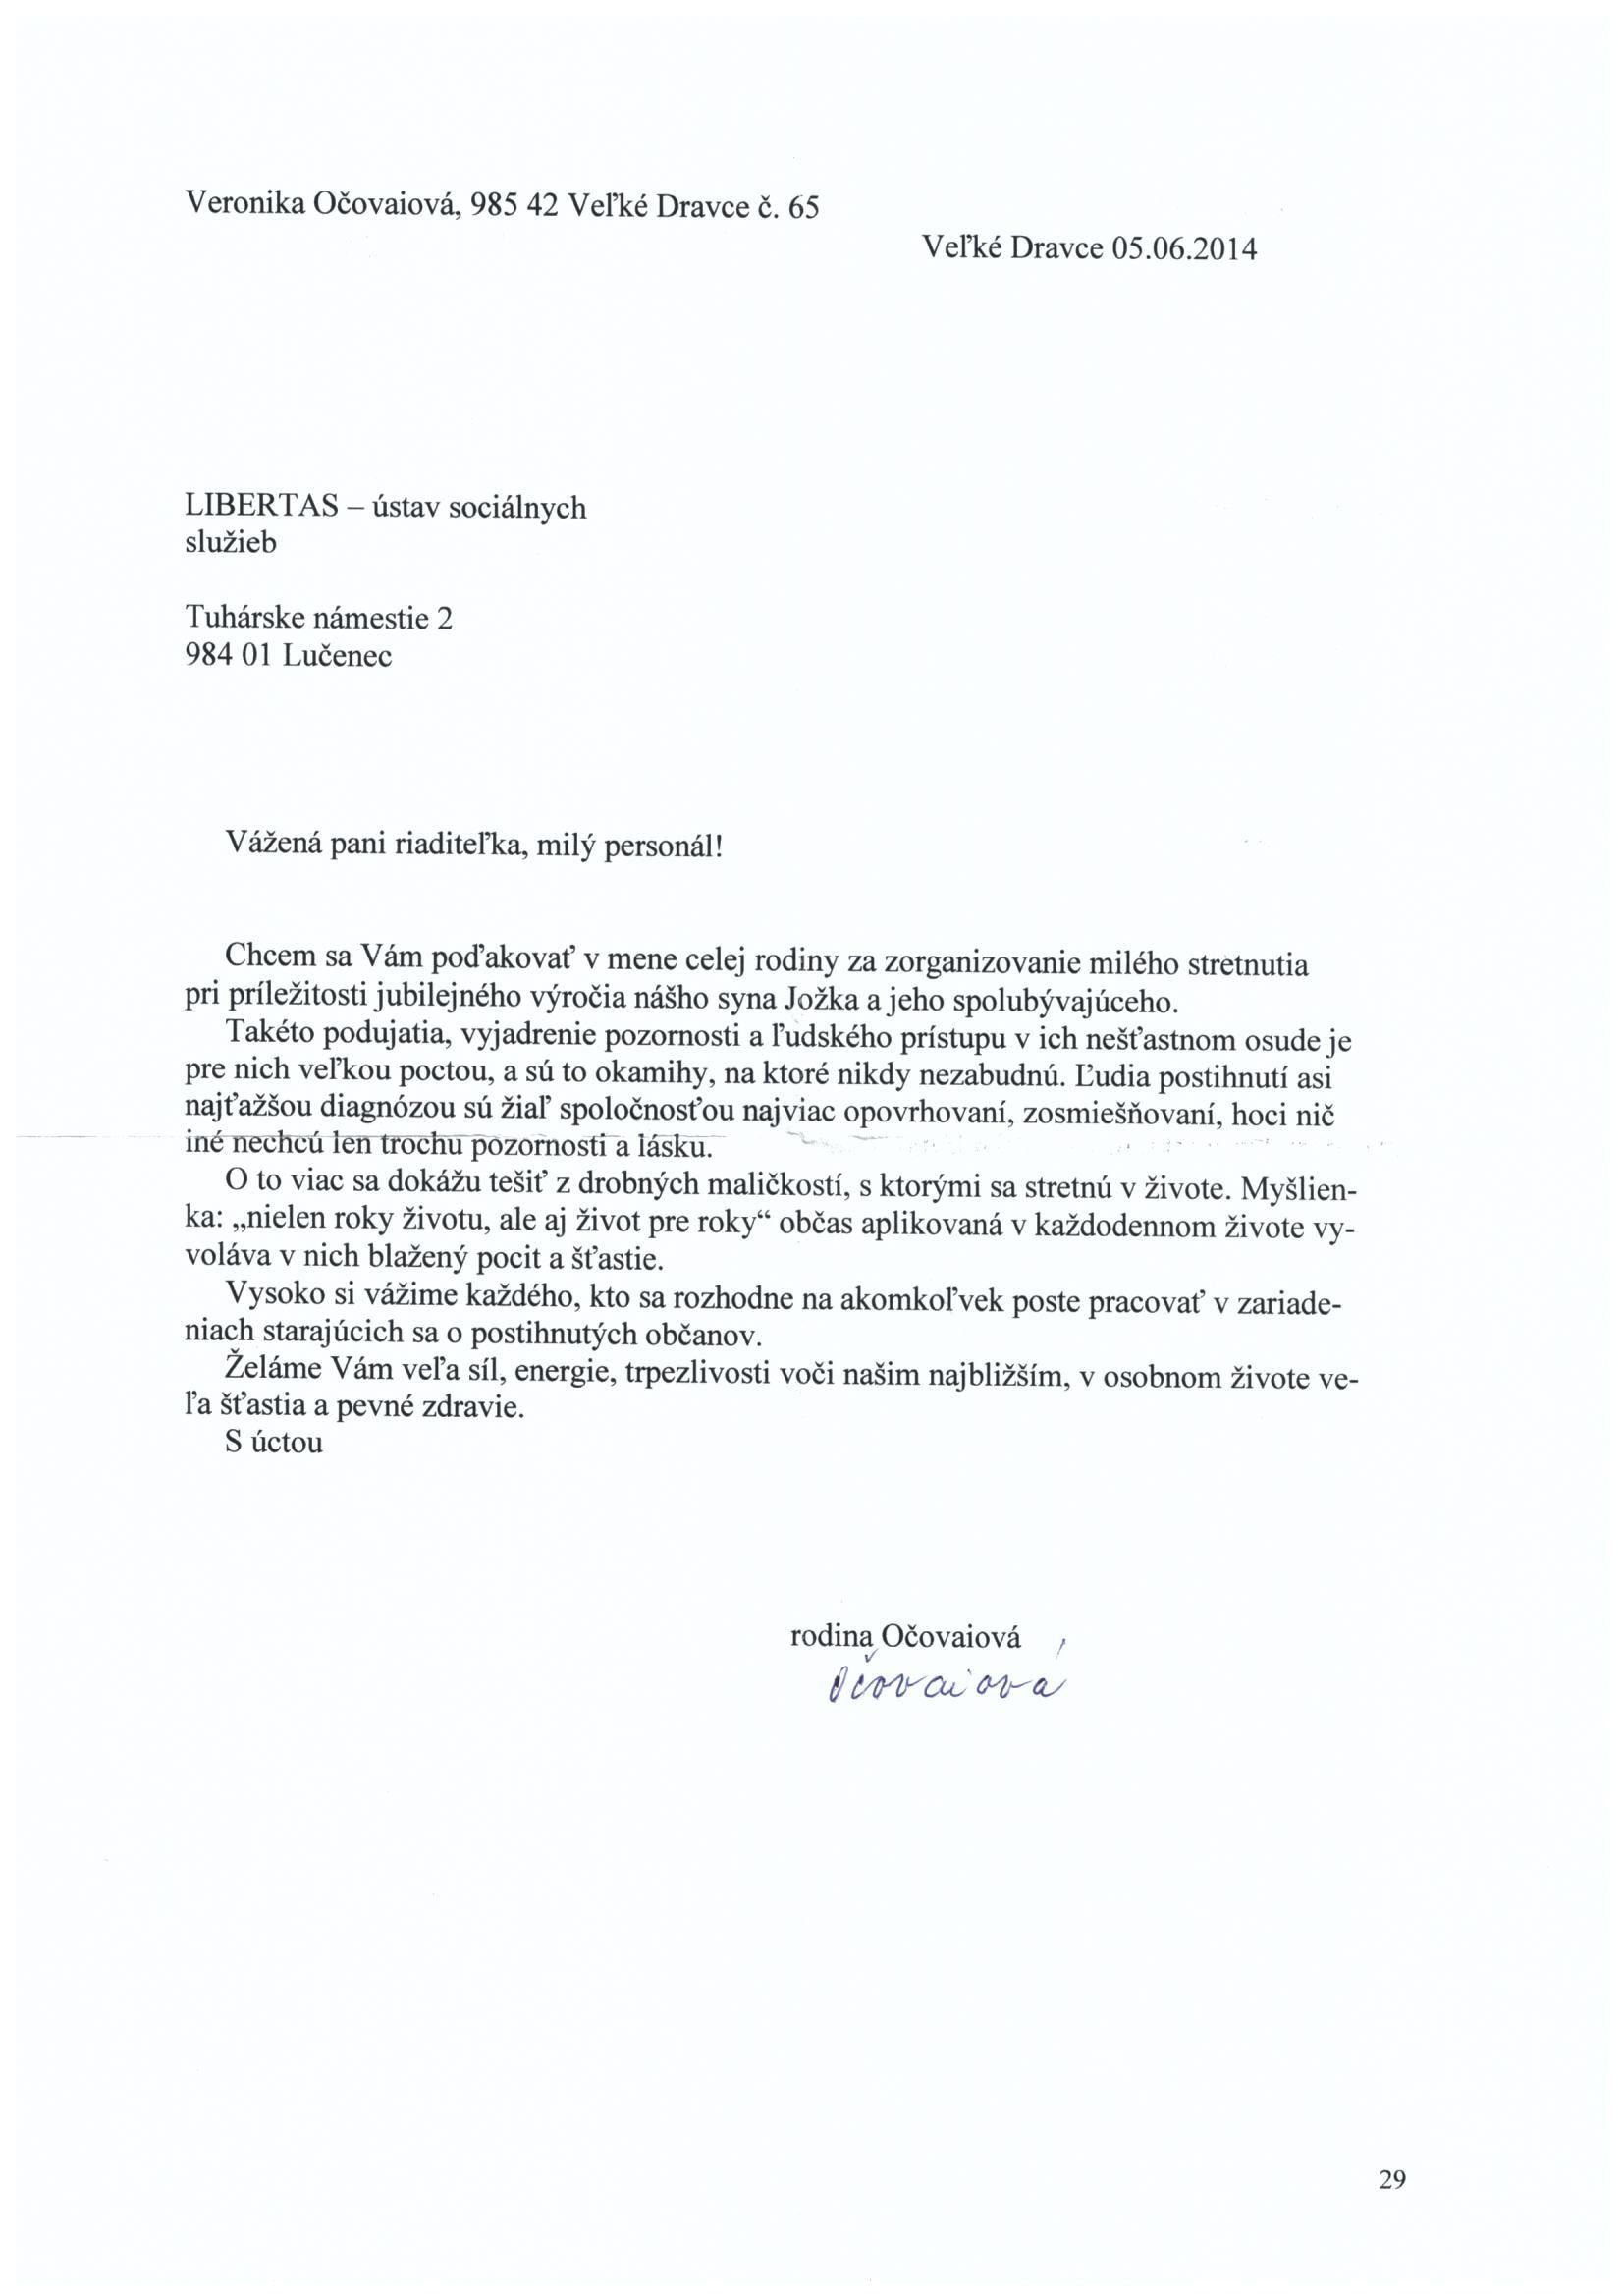 Ďakovný list